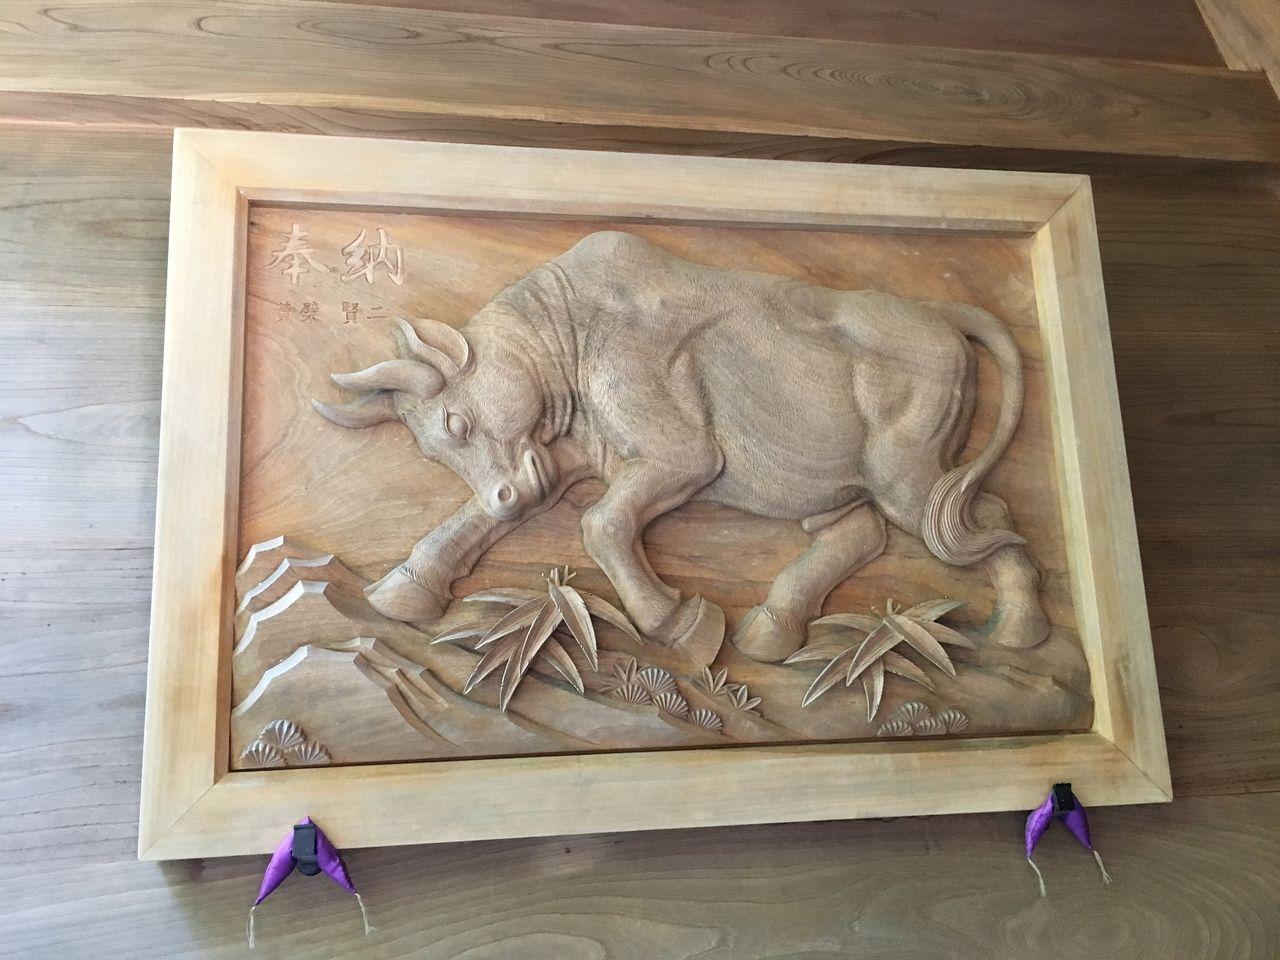 反対側の壁に奉納された牛の彫刻